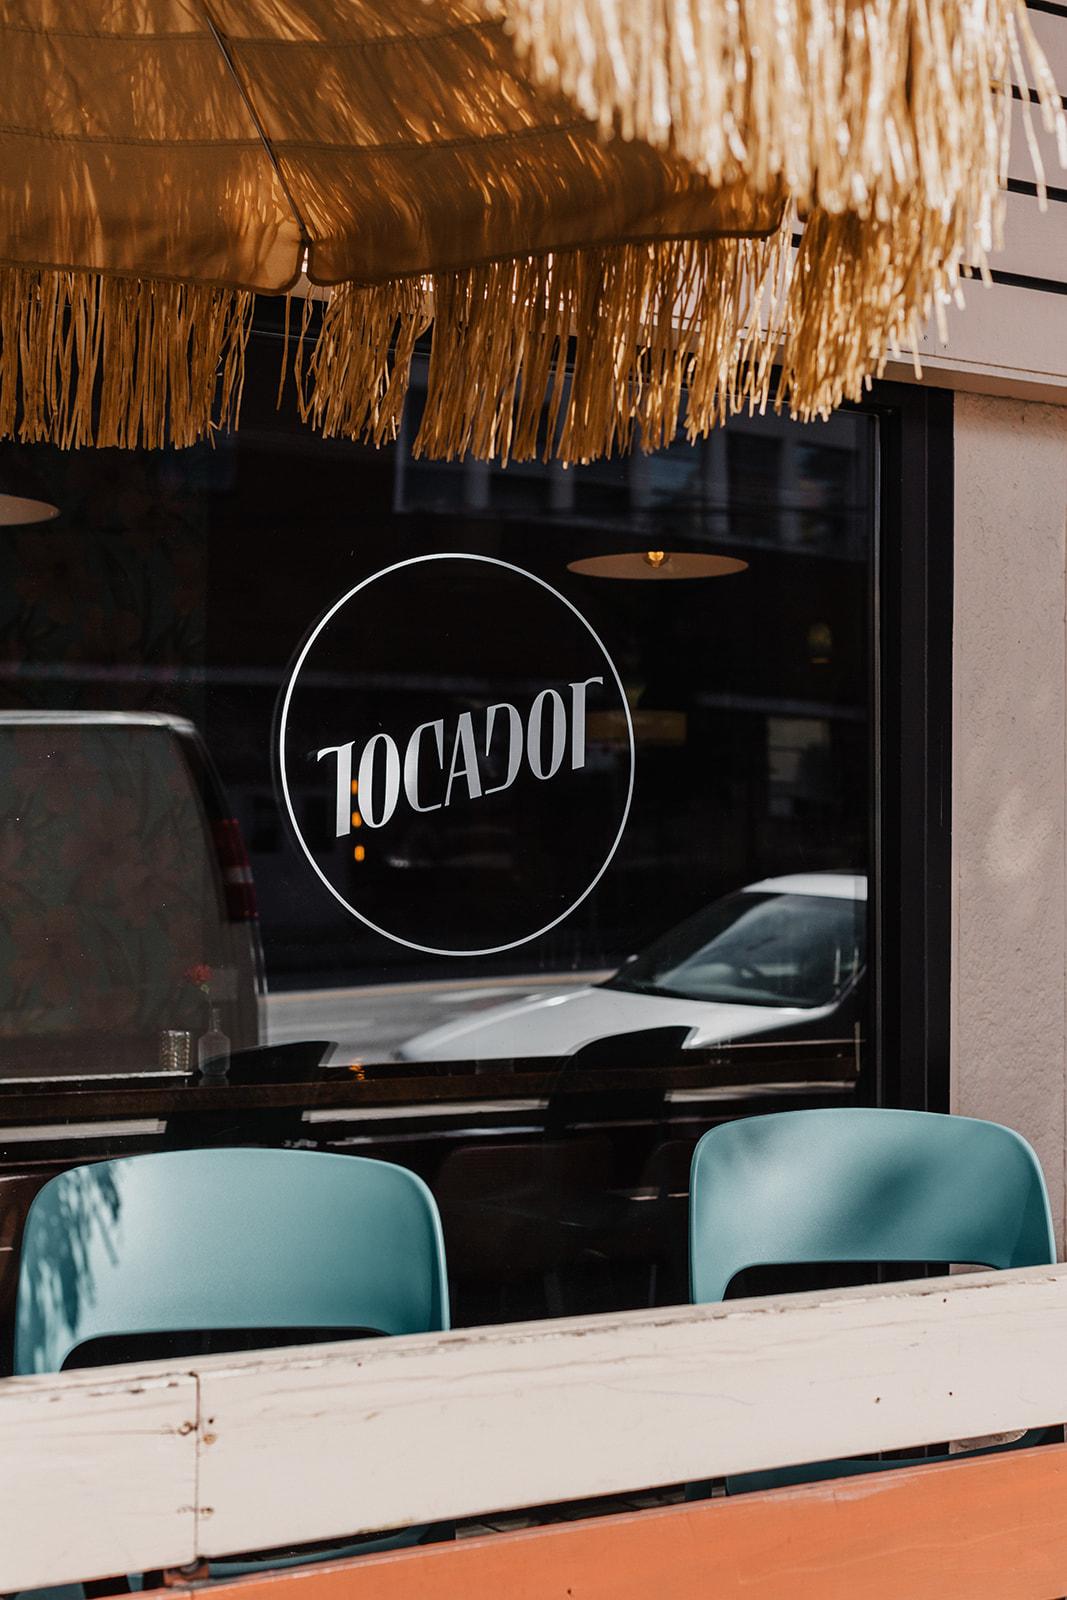 Tocador-1_websize.jpg